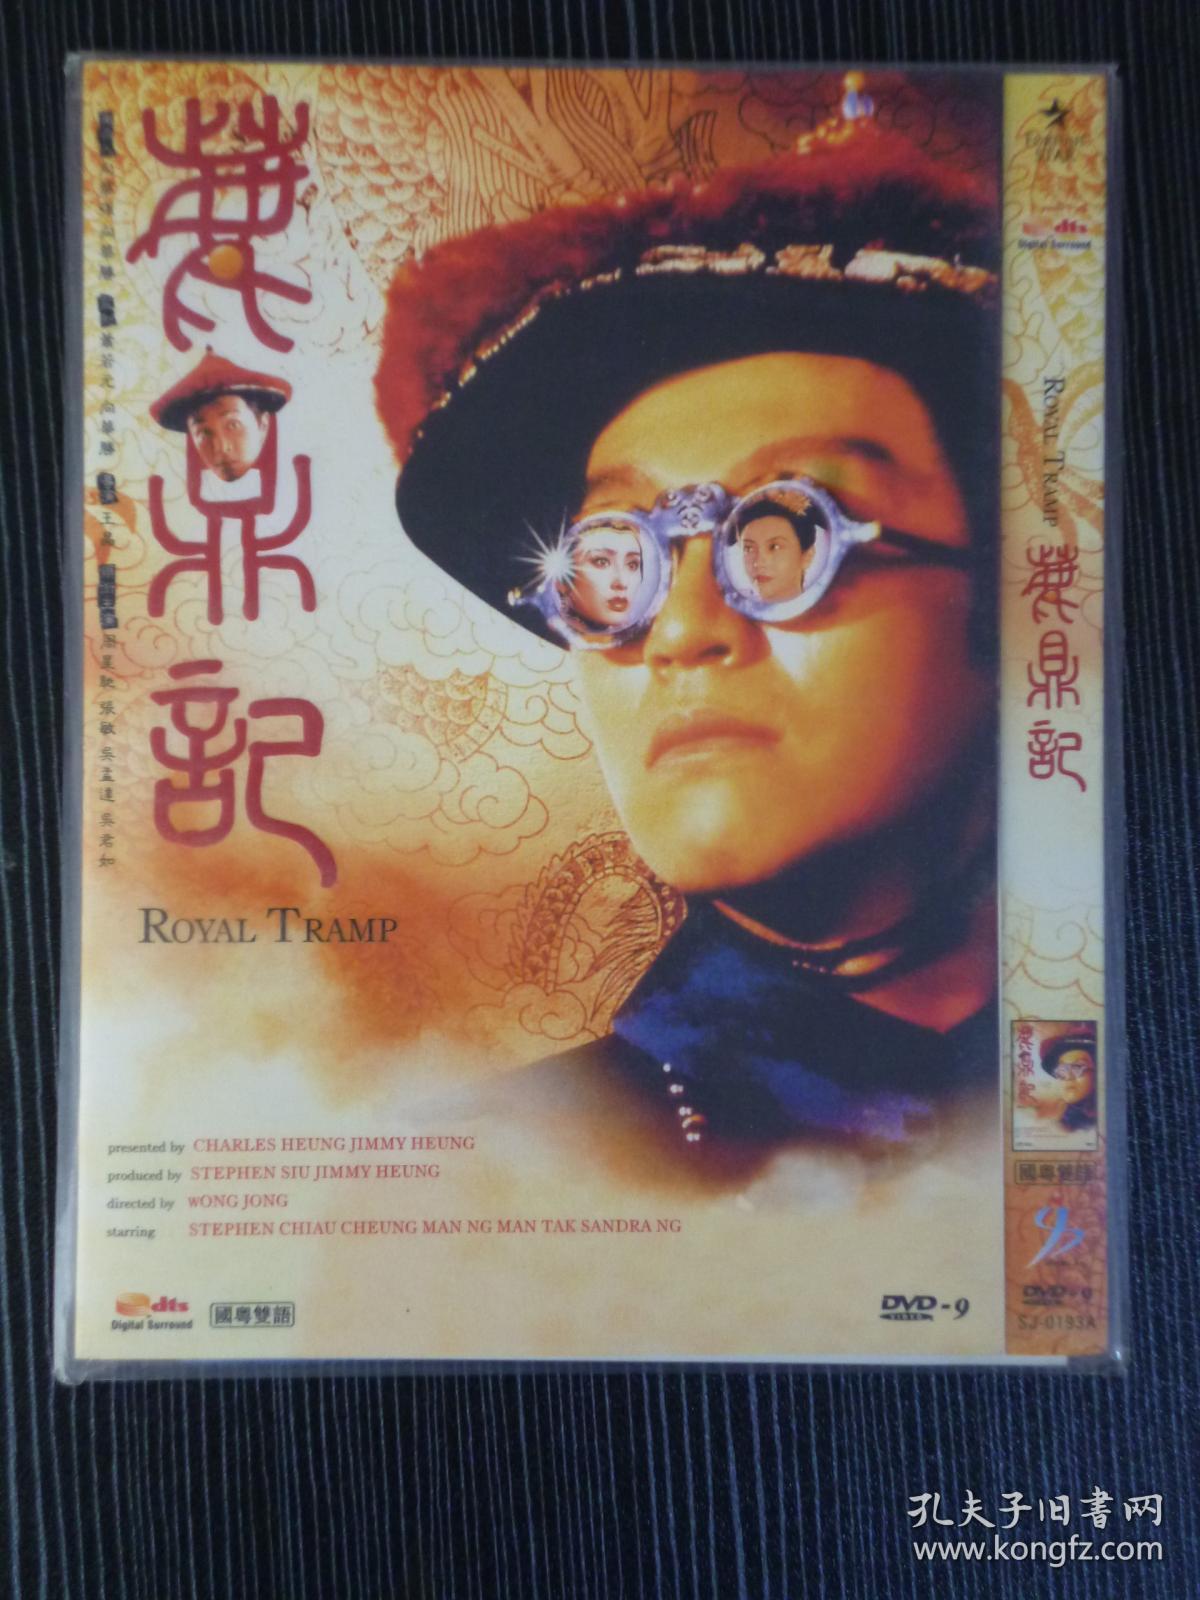 D9 鹿鼎记 导演: 王晶 1碟 版本配置: 龙王朝1区